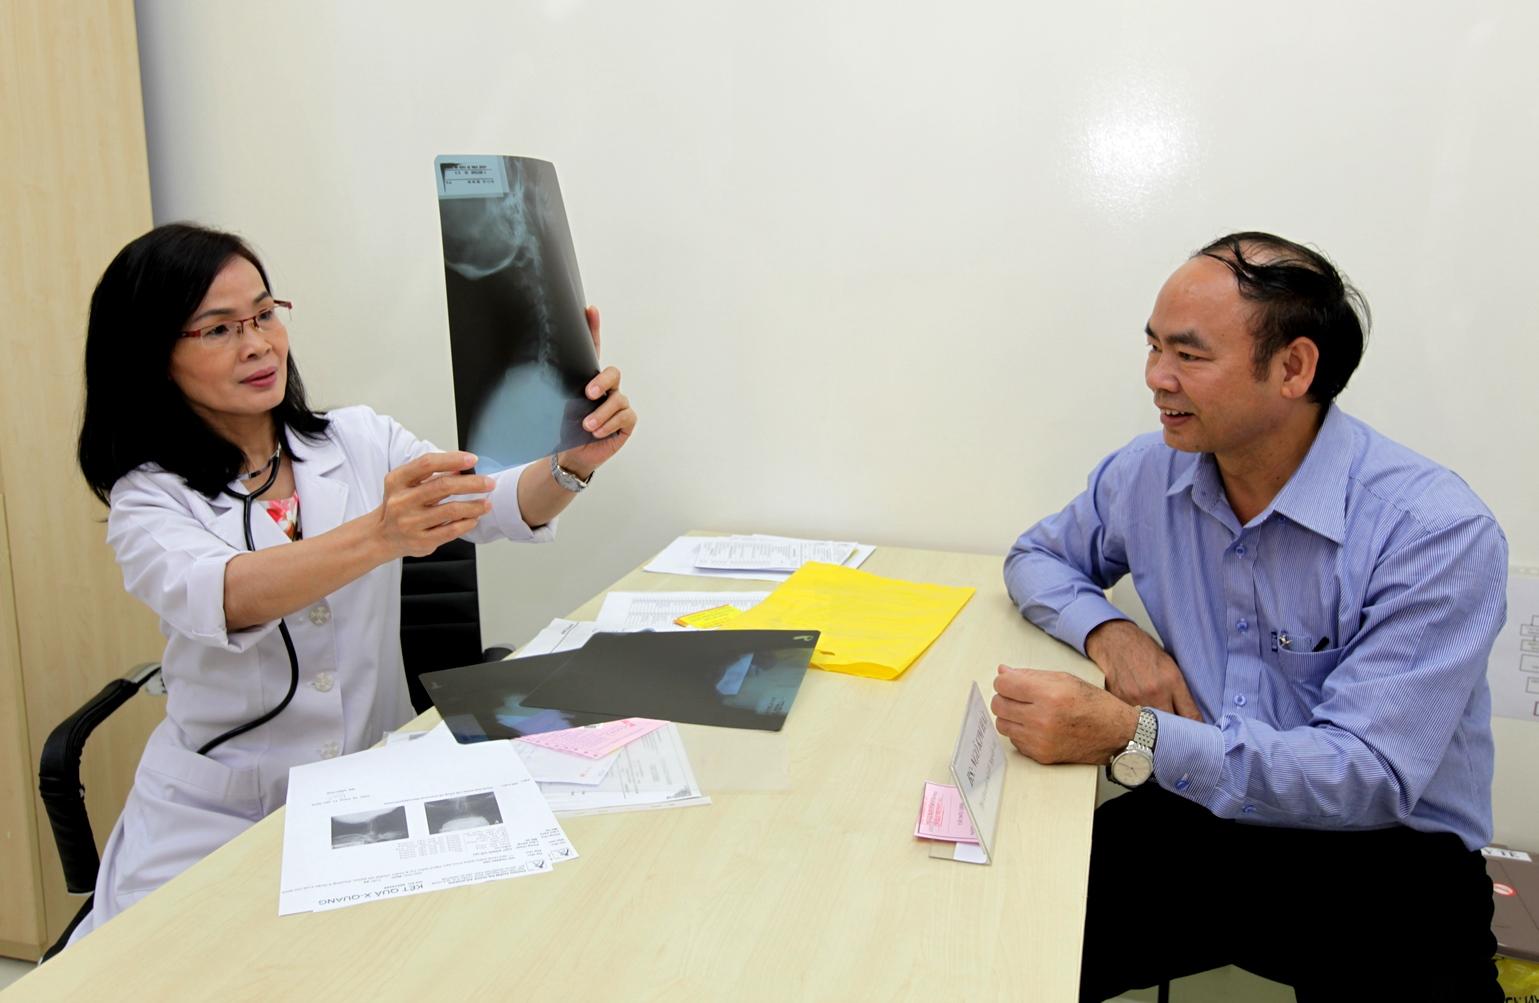 Bác sĩ Ngô Kim Hải (nguyên Phó Chủ nhiệm Khoa Nội tiết - Đái tháo đường Bệnh viện Nguyễn Trãi Tp.HCM) khám và tư vấn miễn phí về bệnh đái tháo đường cho khách hàng tại chương trình